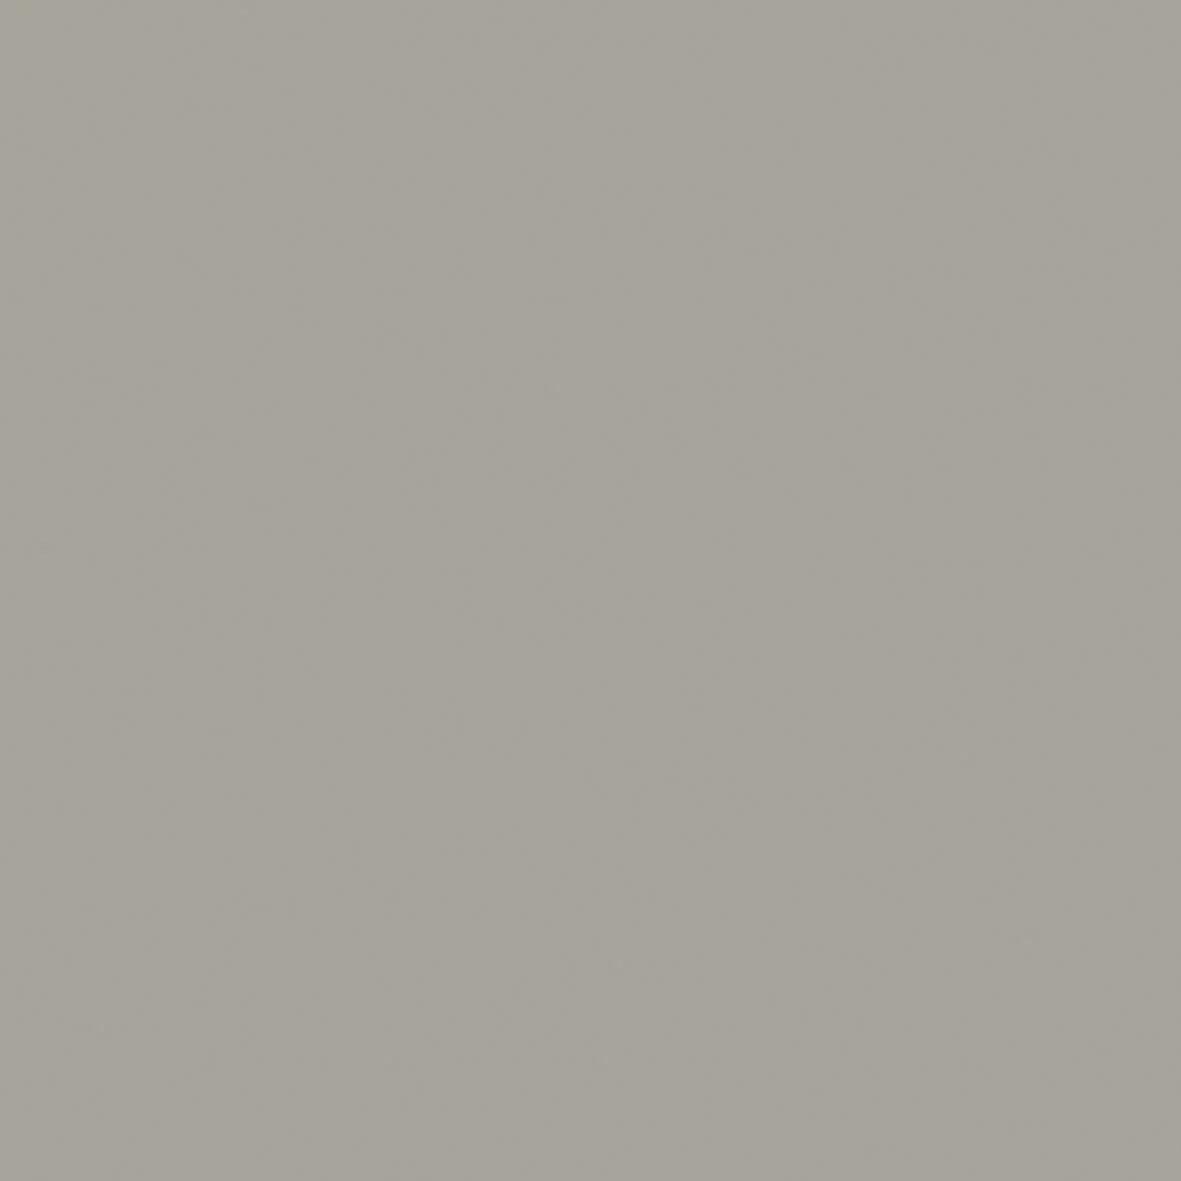 sol pvc ivc effet uni gris clair uni l 4 m